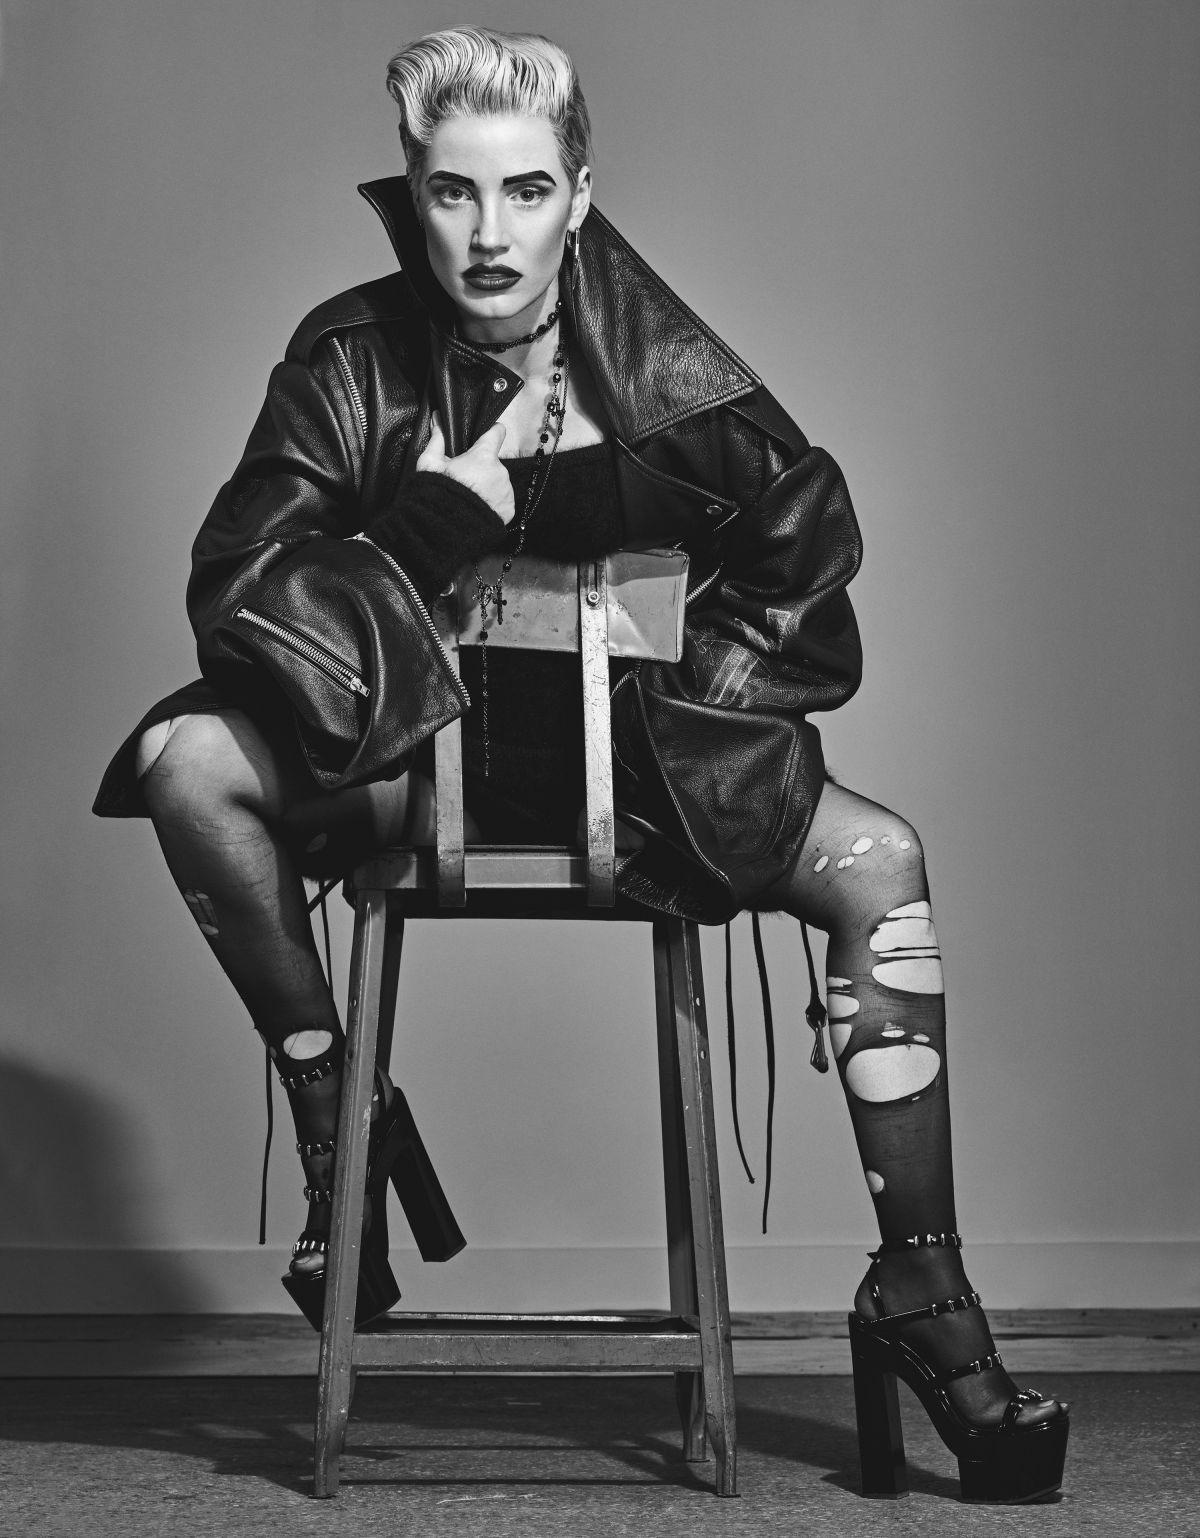 Jessica Chastain – W Magazine Photoshoot By Steven Klein 12 OCT, 2015